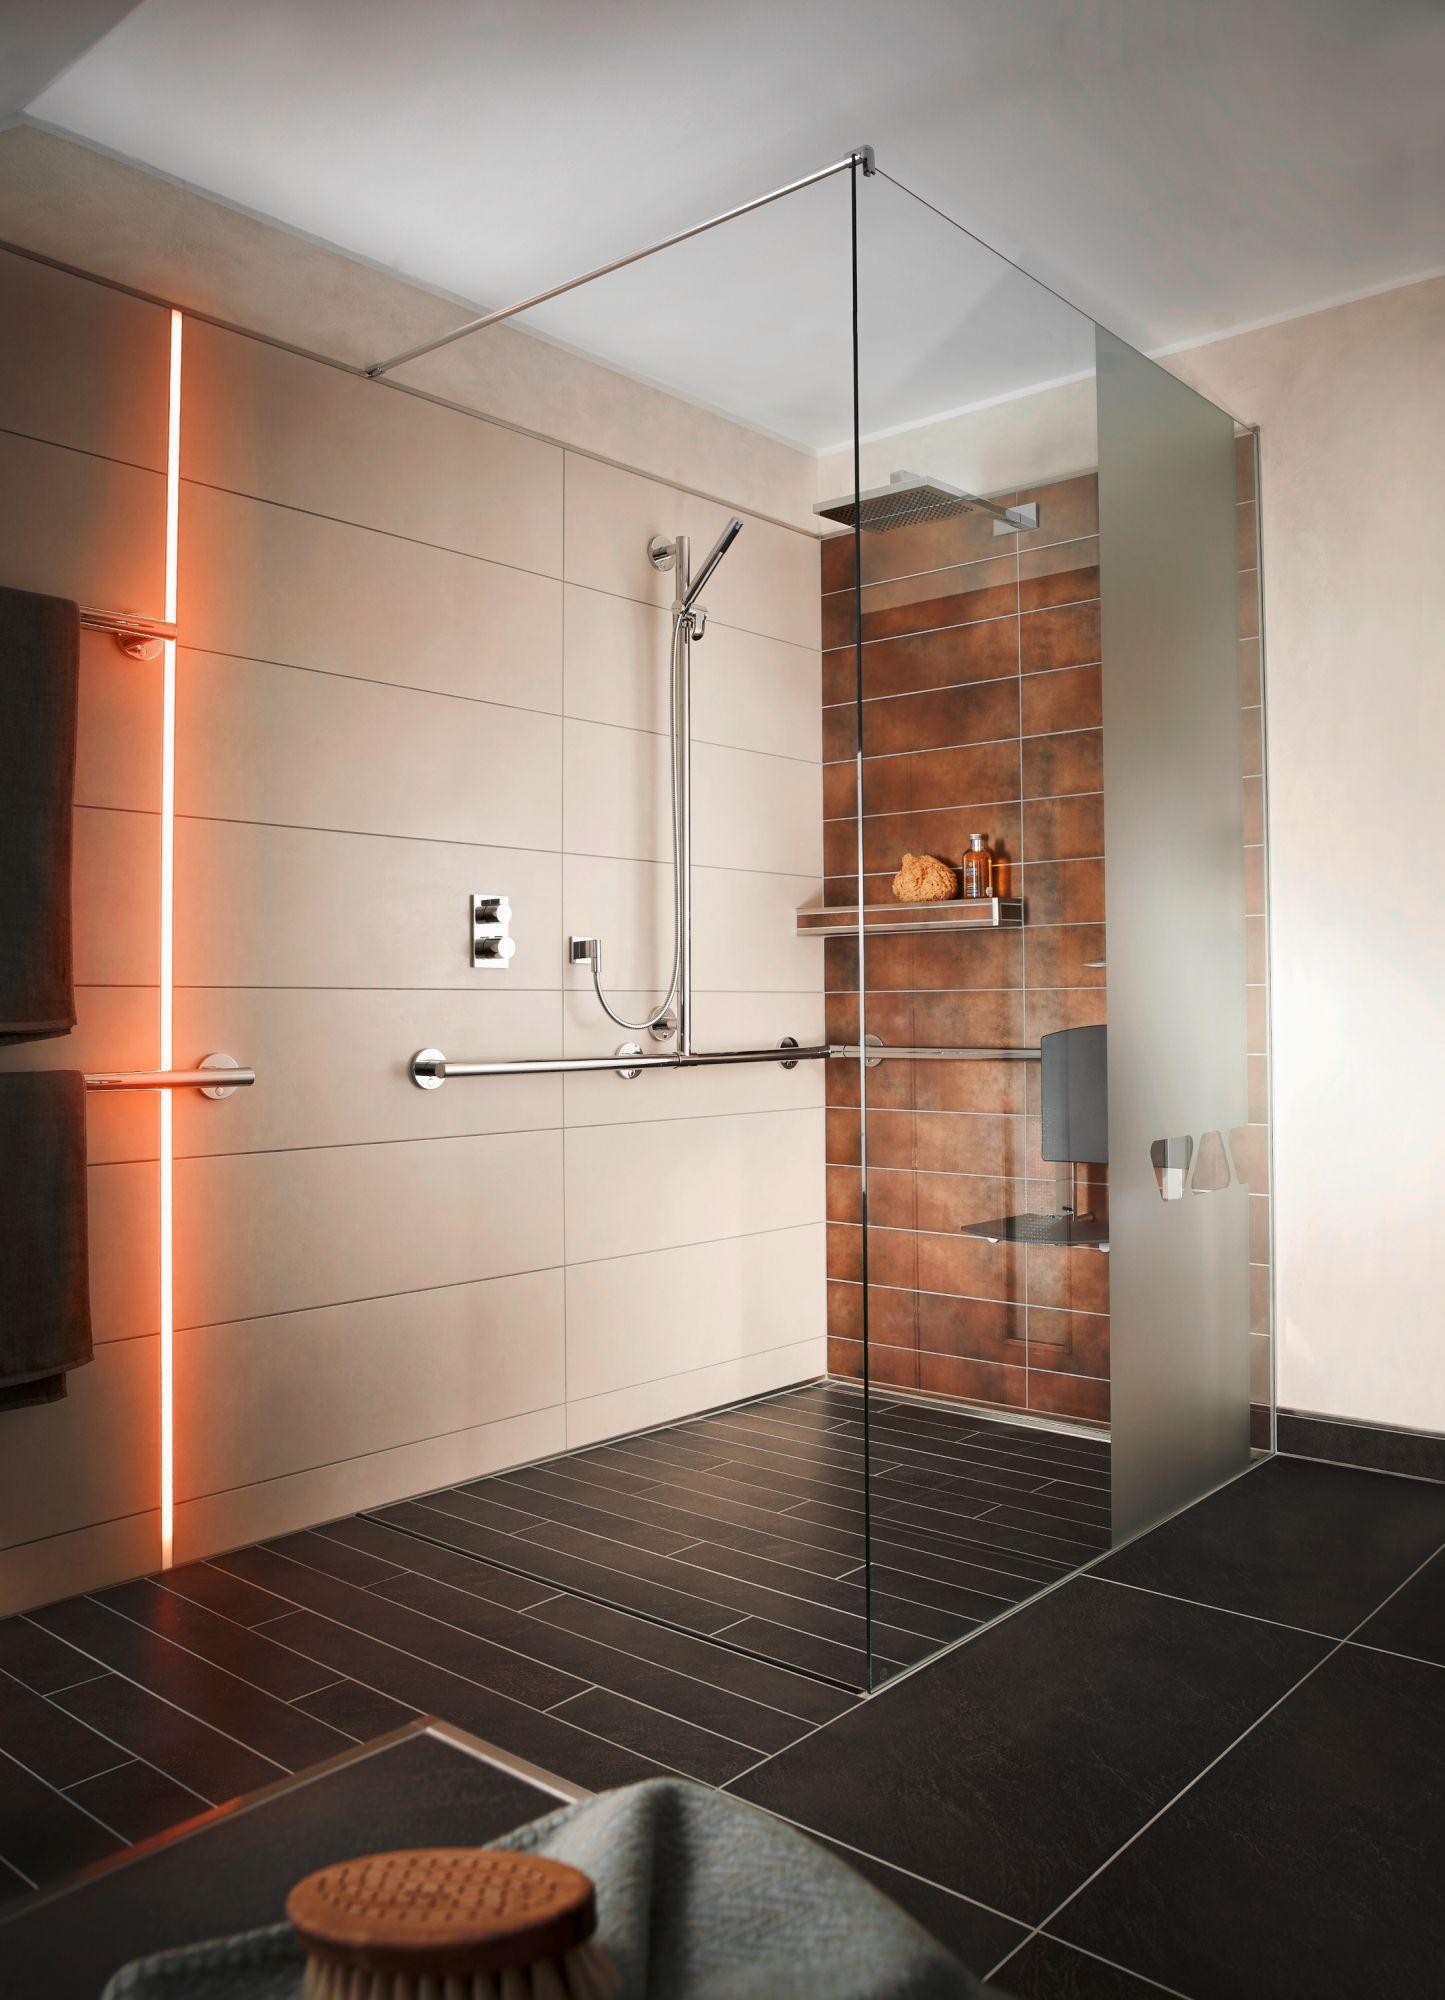 Bei Der Gestaltung Ihrer Bodenebenen Dusche Sind Individuellen Wunschen Und Vorlieben Kaum Grenz Badezimmer Einrichtung Badezimmer Design Traumhafte Badezimmer